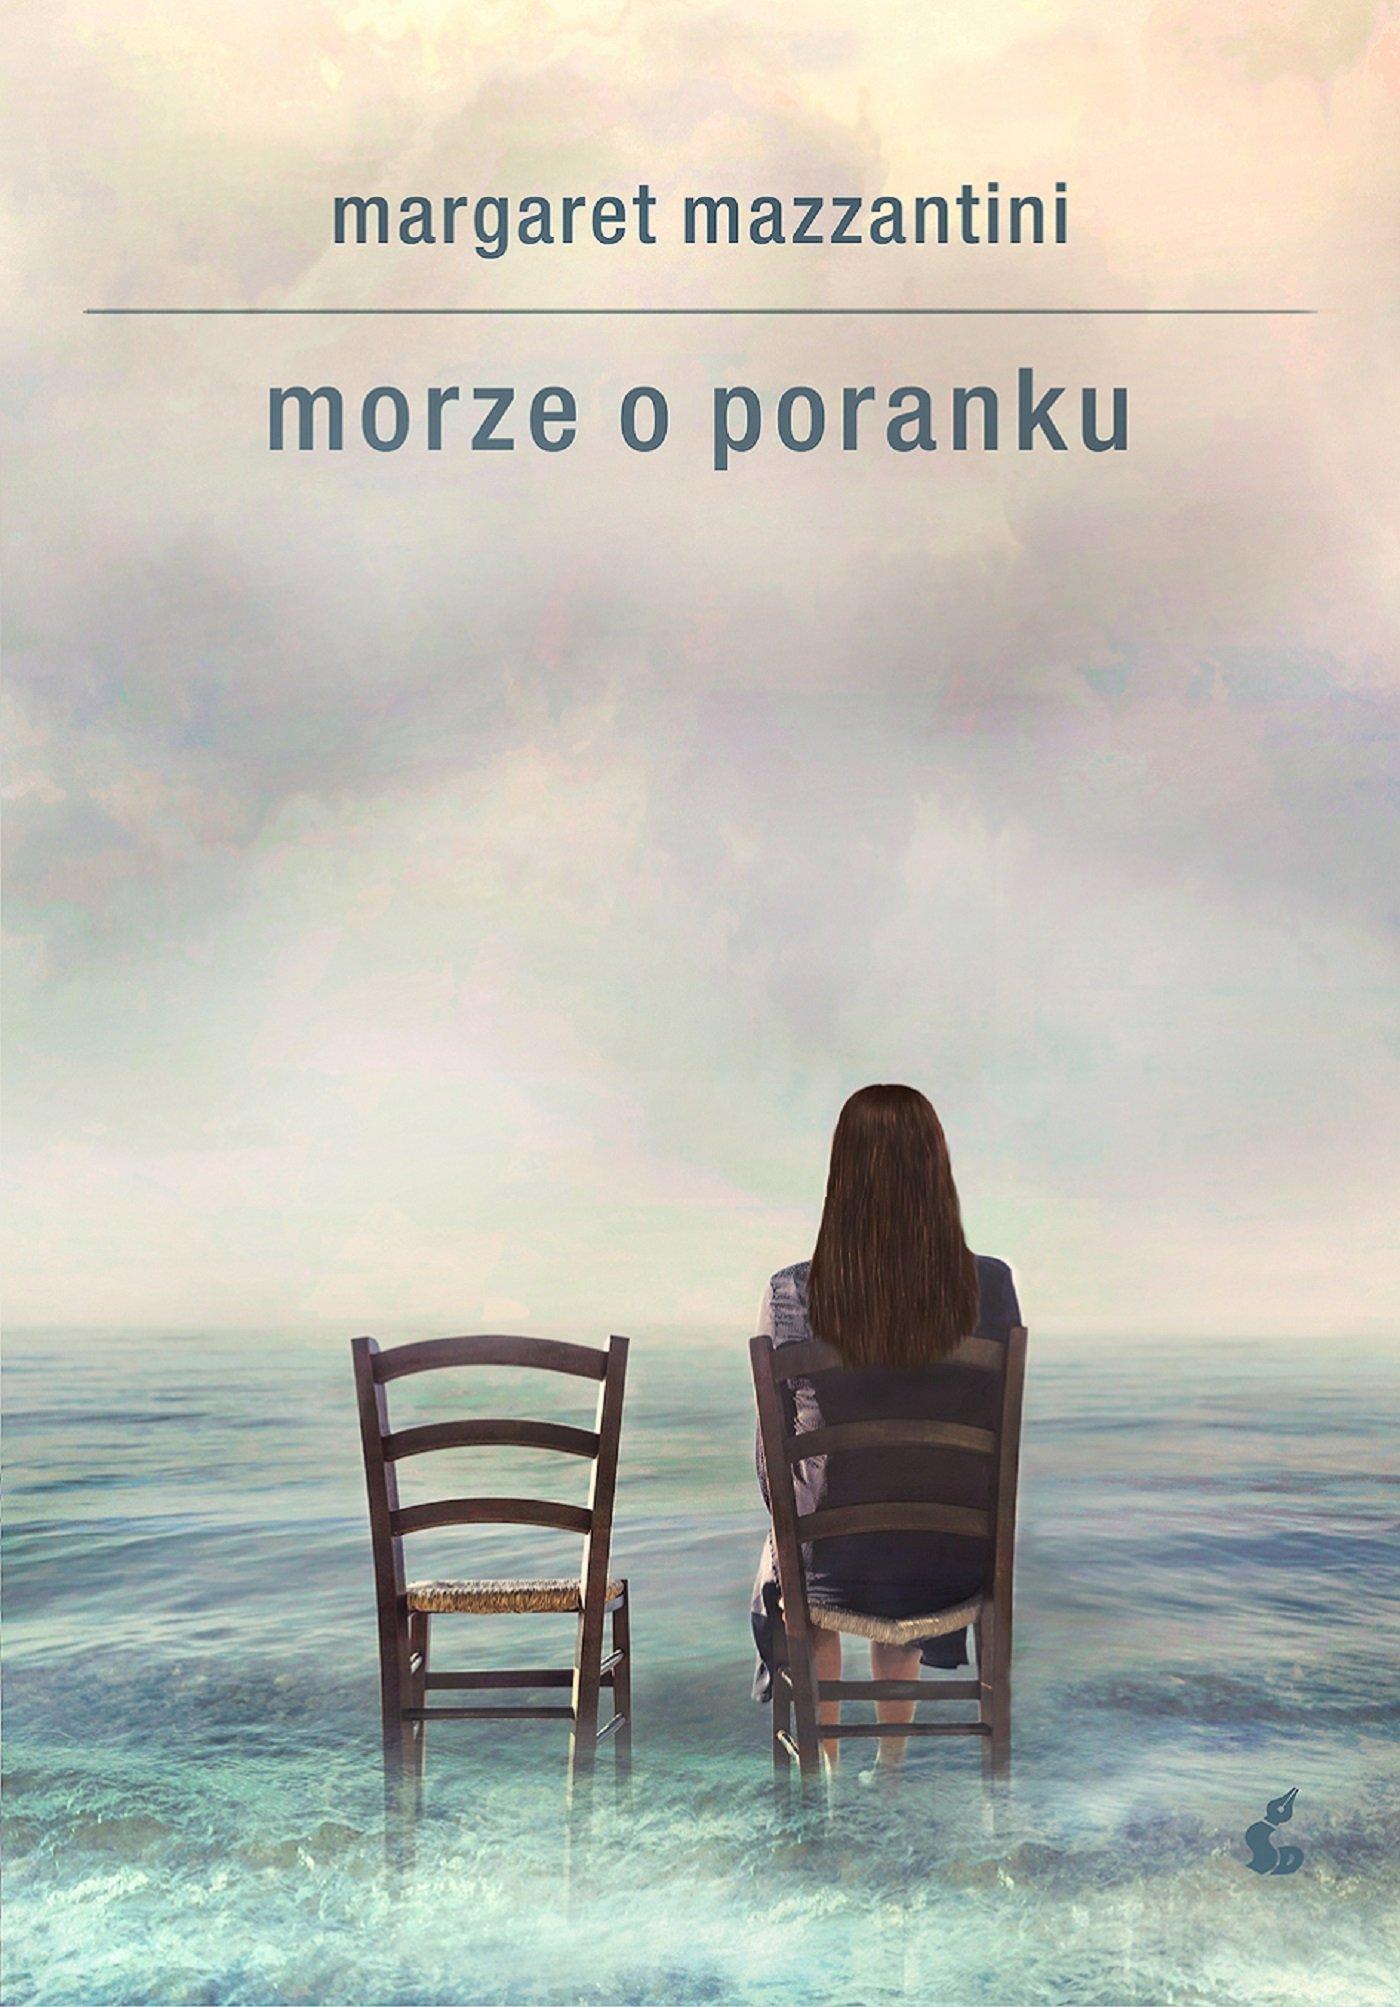 Morze o poranku - Ebook (Książka na Kindle) do pobrania w formacie MOBI